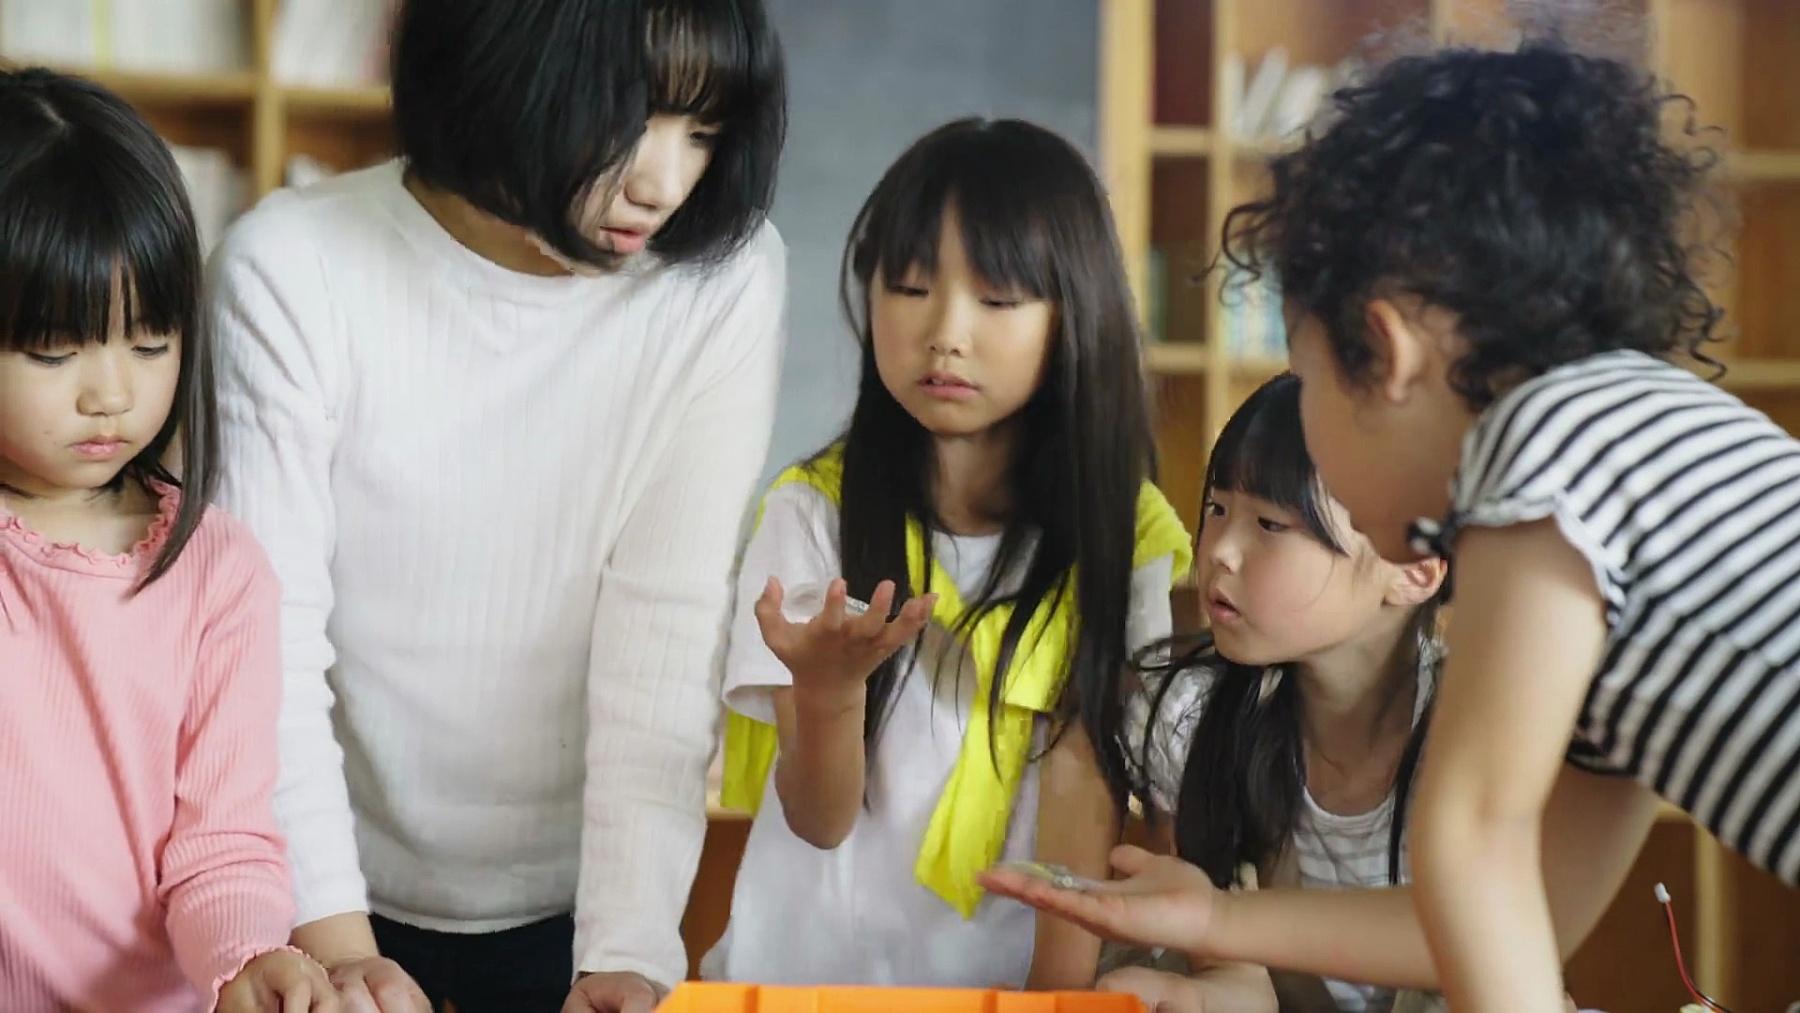 一群年轻的学生在机器人俱乐部玩得很开心